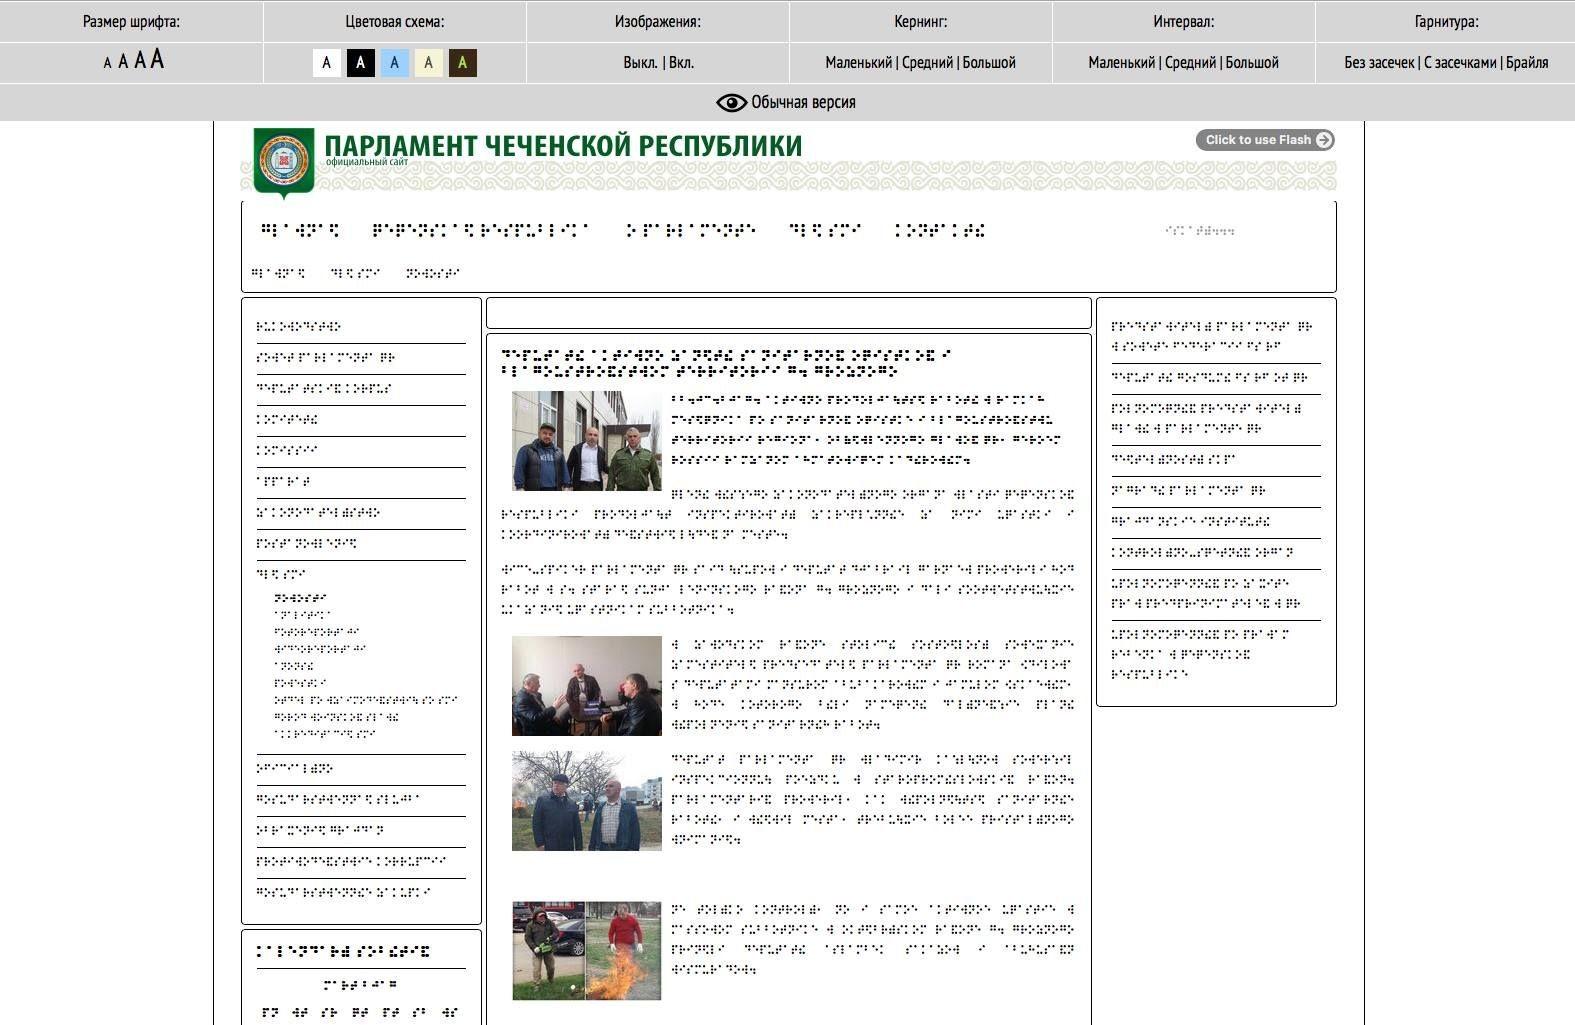 Чеченским парламентариям сделали сайт, накотором есть возможность включить шрифт Брайля